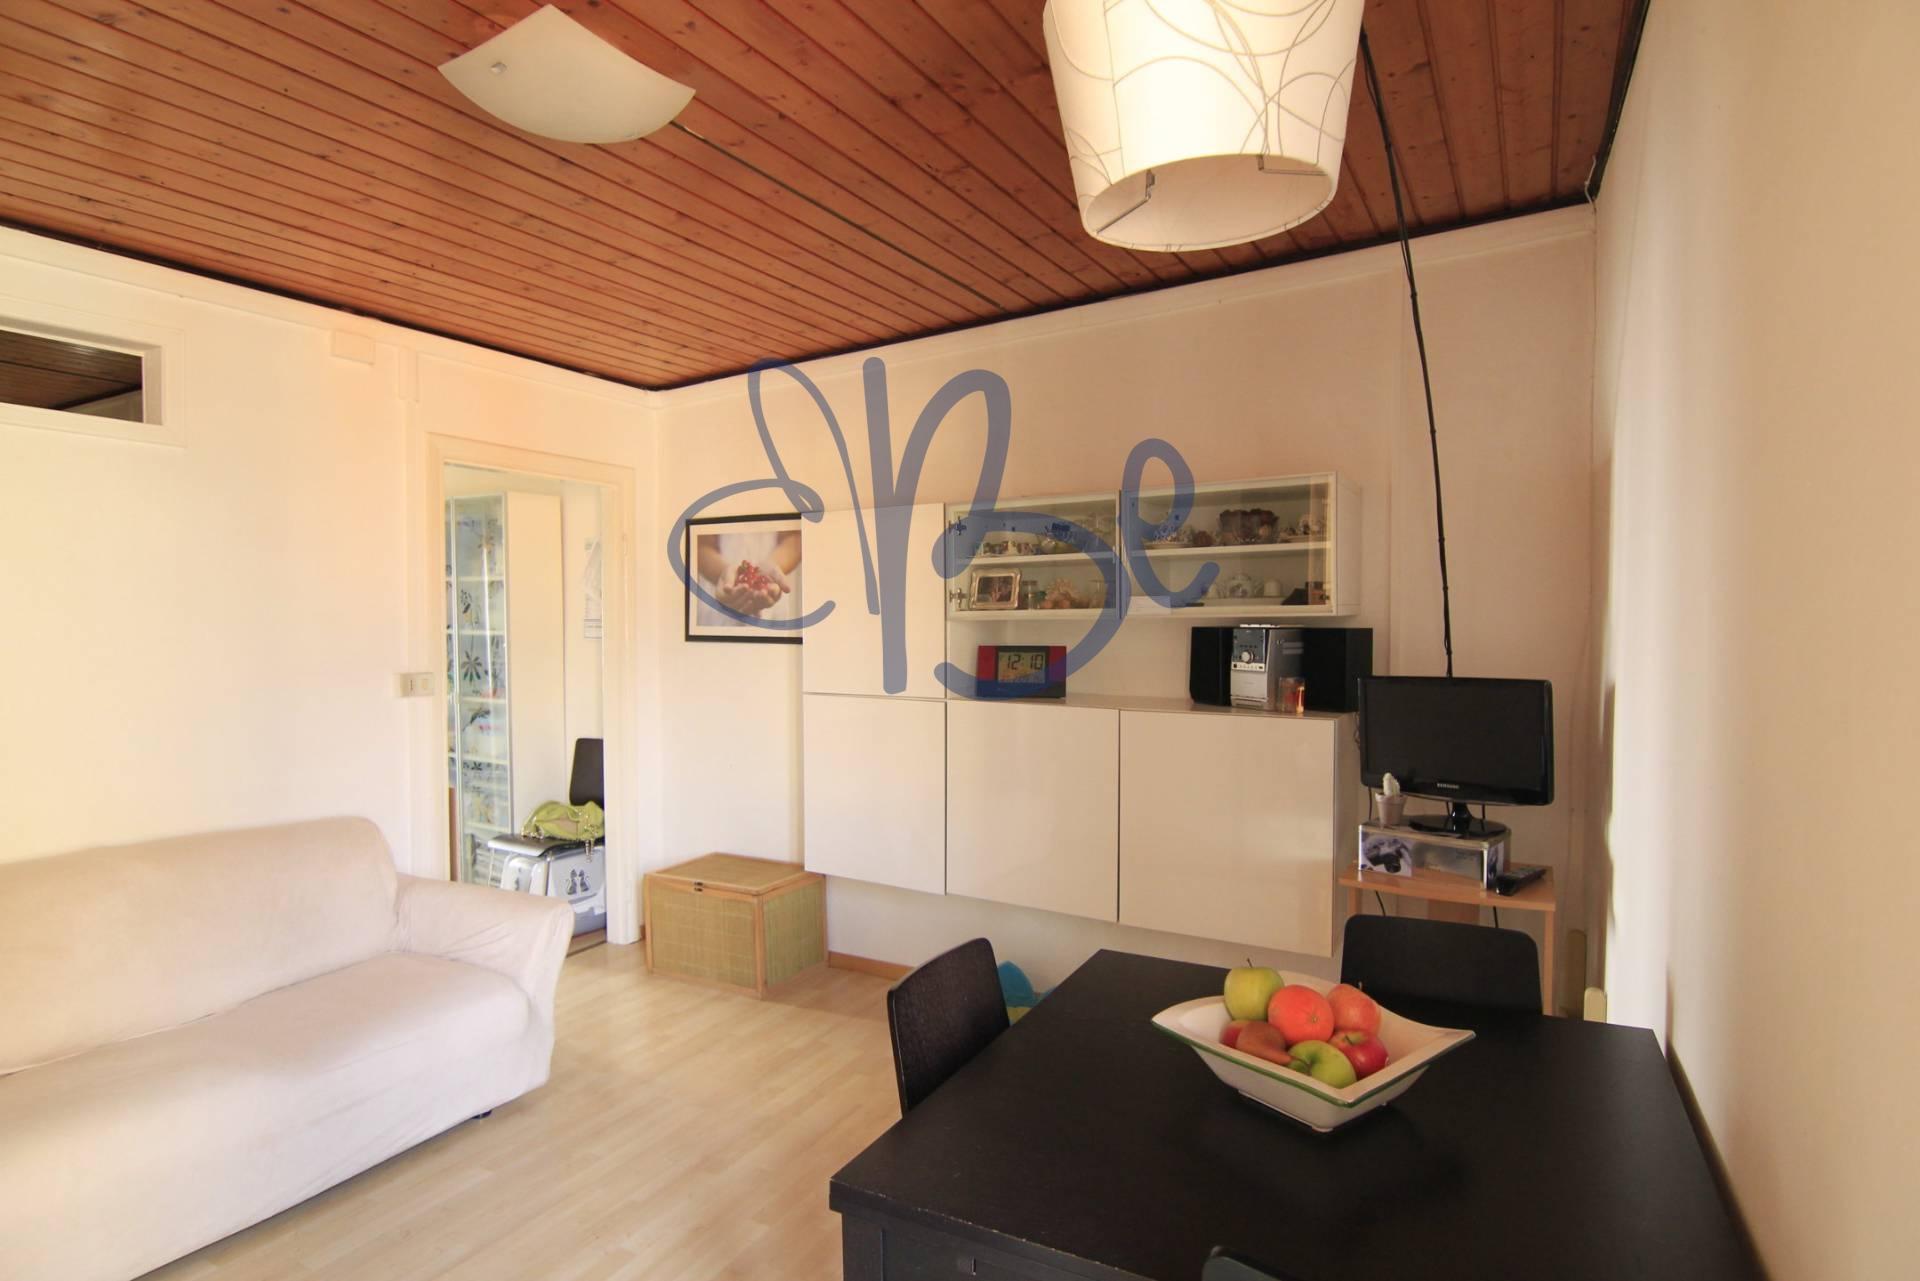 Altro in vendita a Roè Volciano, 4 locali, zona Zona: Volciano, prezzo € 70.000 | Cambio Casa.it